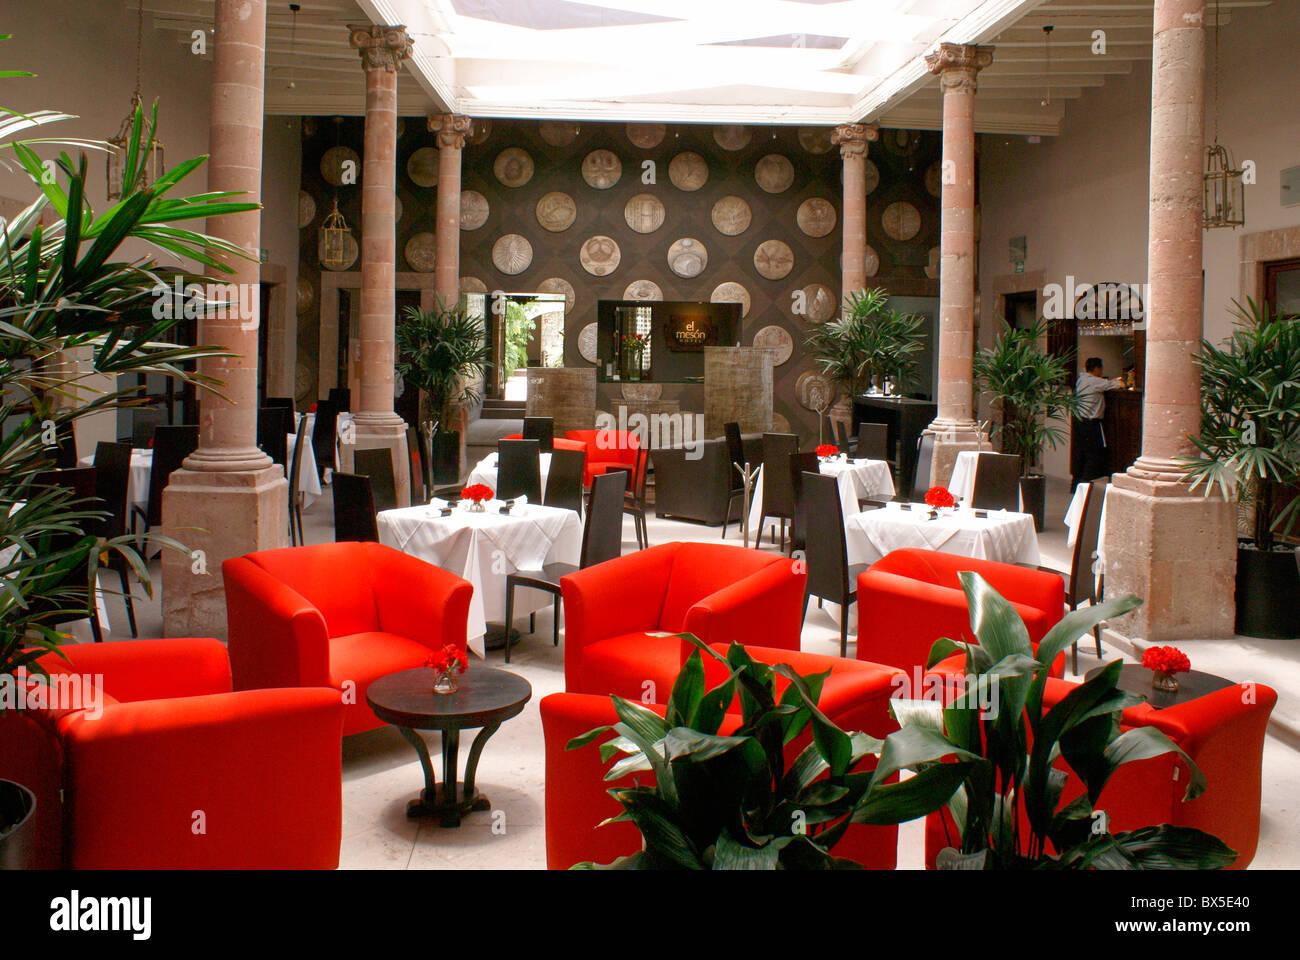 El Ochenta, an upscale restaurant in San Miguel de Allende, Guanajuato, Mexico. - Stock Image